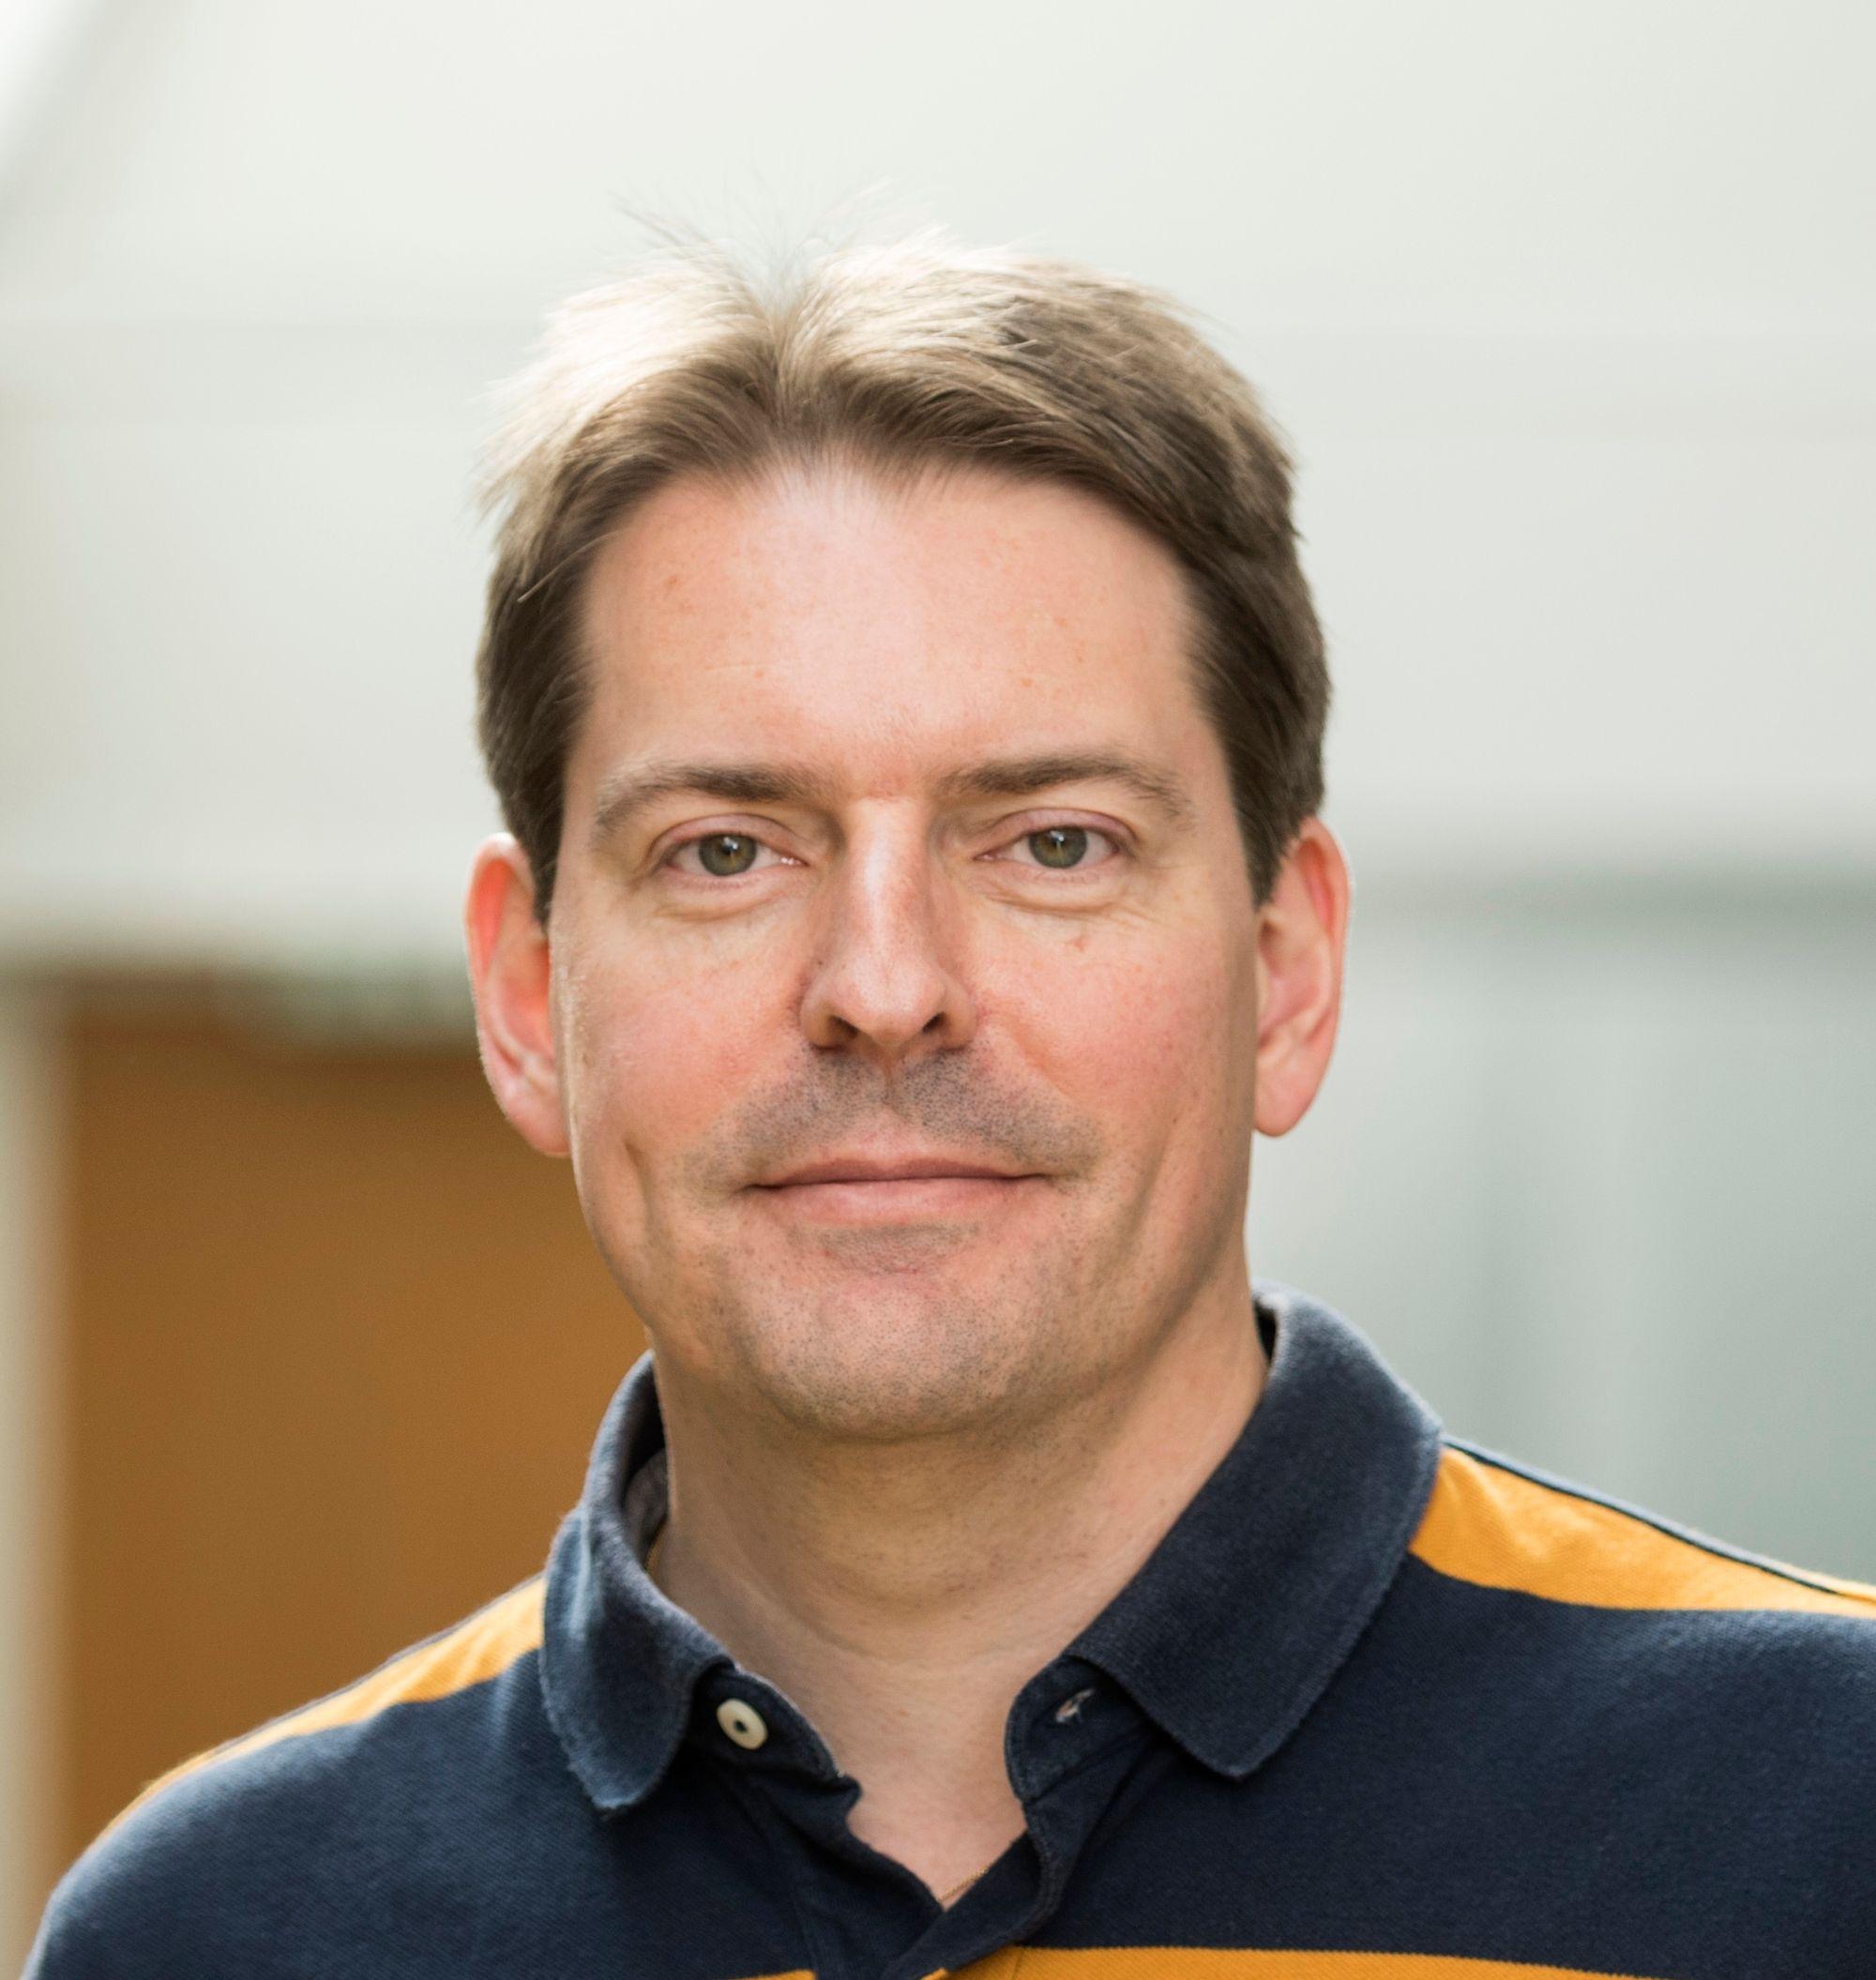 Dieter Ulrich